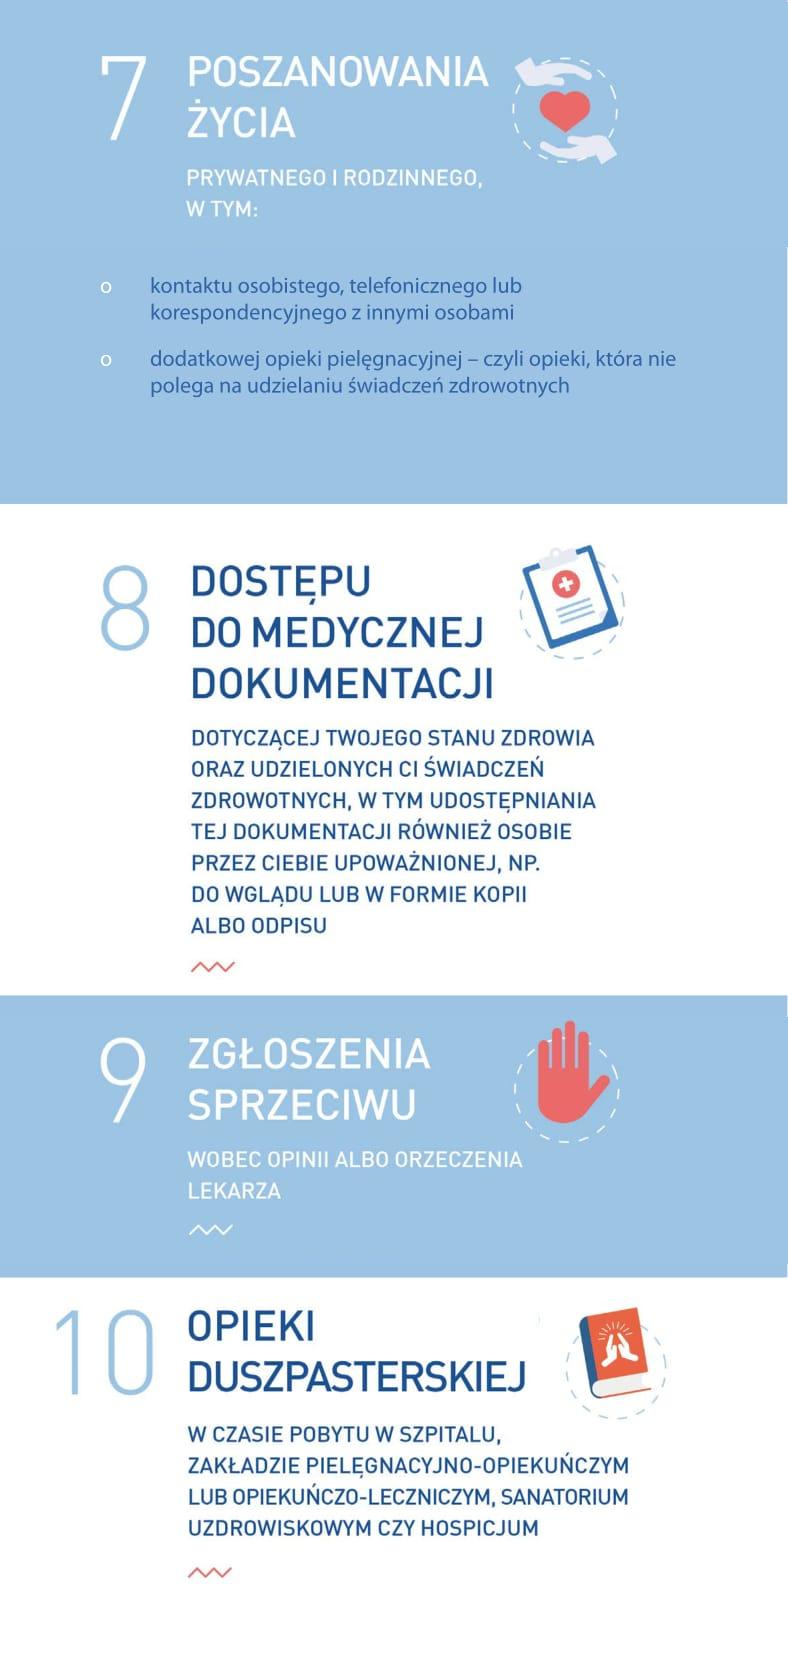 ulotka_prawa_pacjenta_2016-3